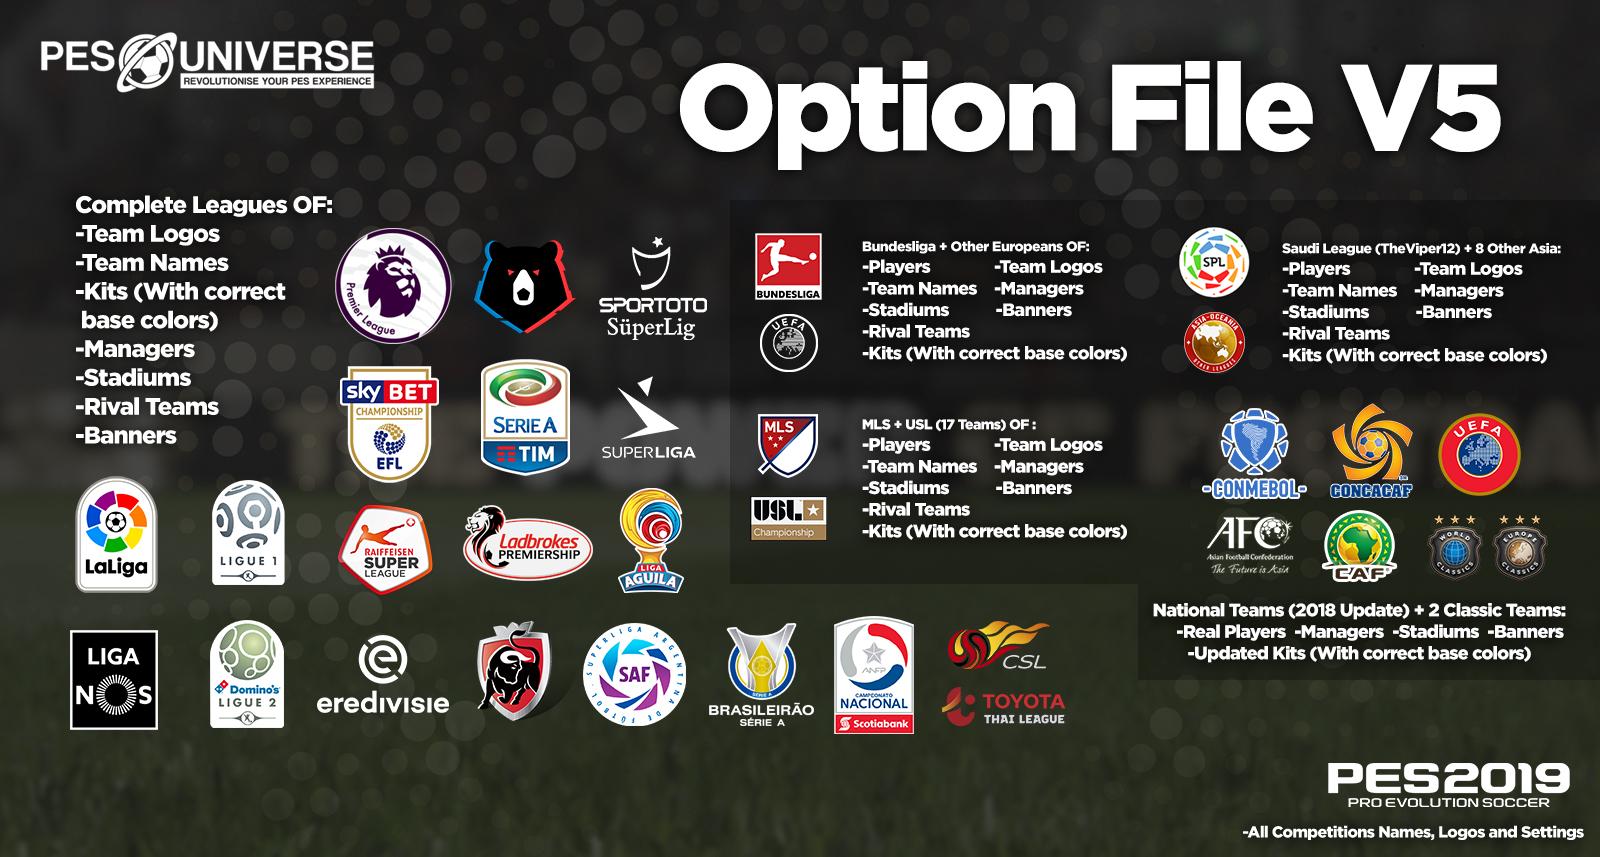 PES 2019 PC PES Universe Option File v5 Season 2018/2019